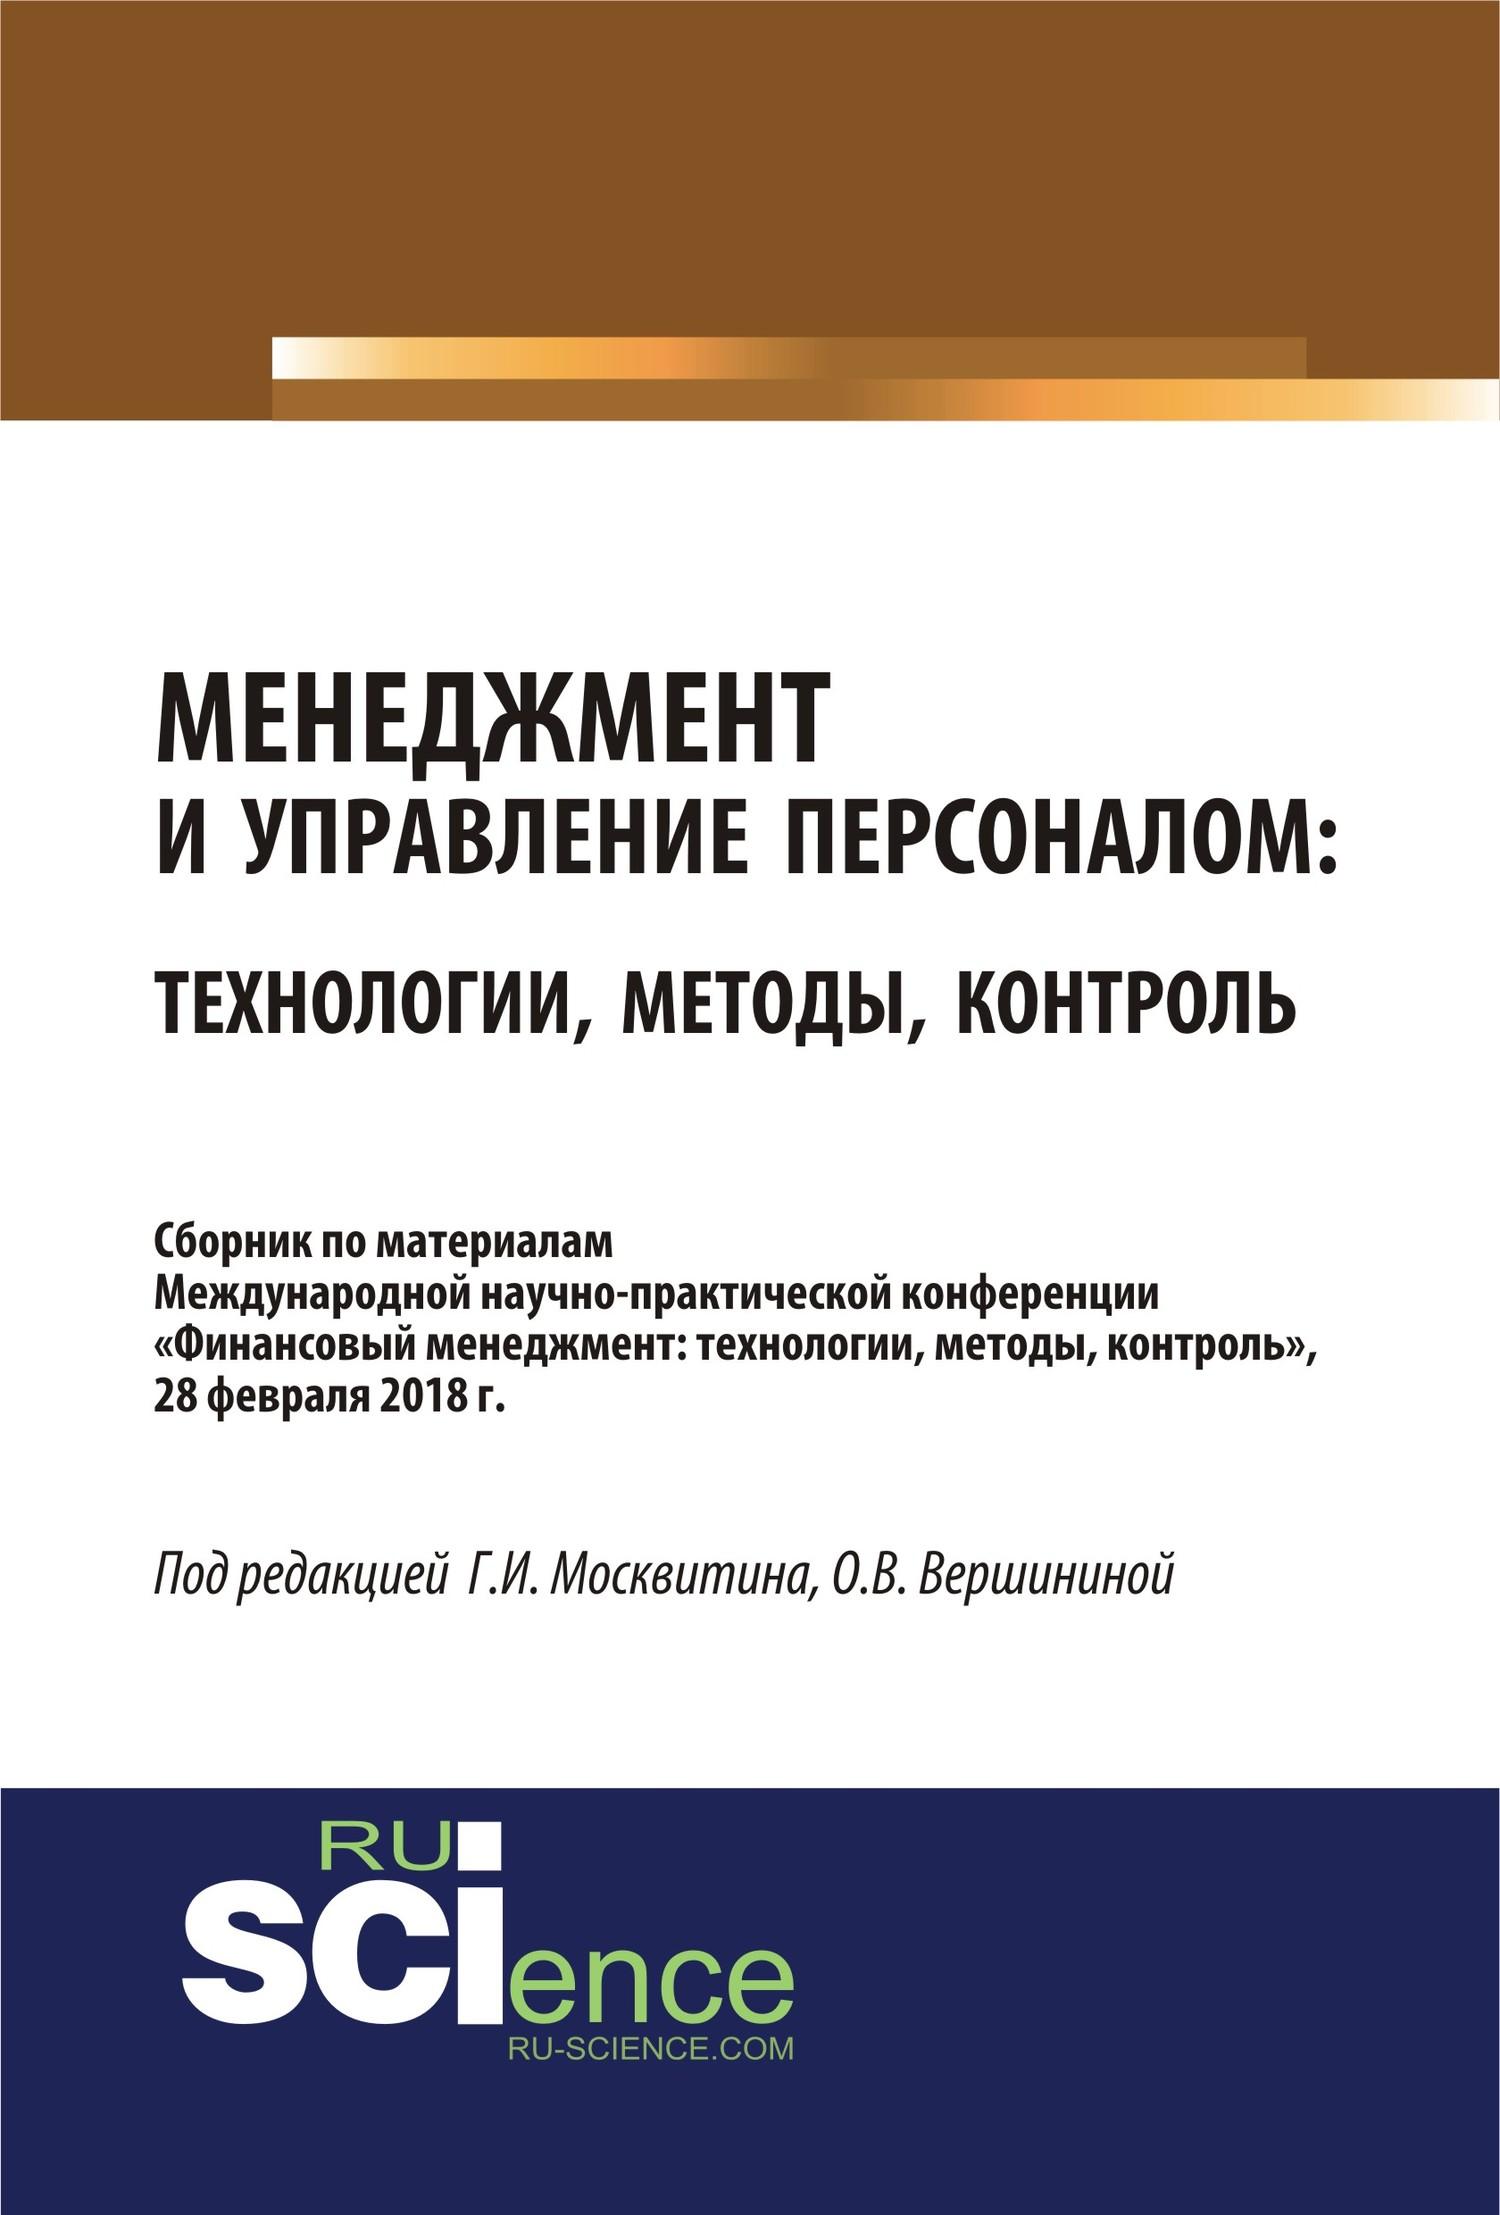 Менеджмент и управление персоналом: технологии, методы, контроль